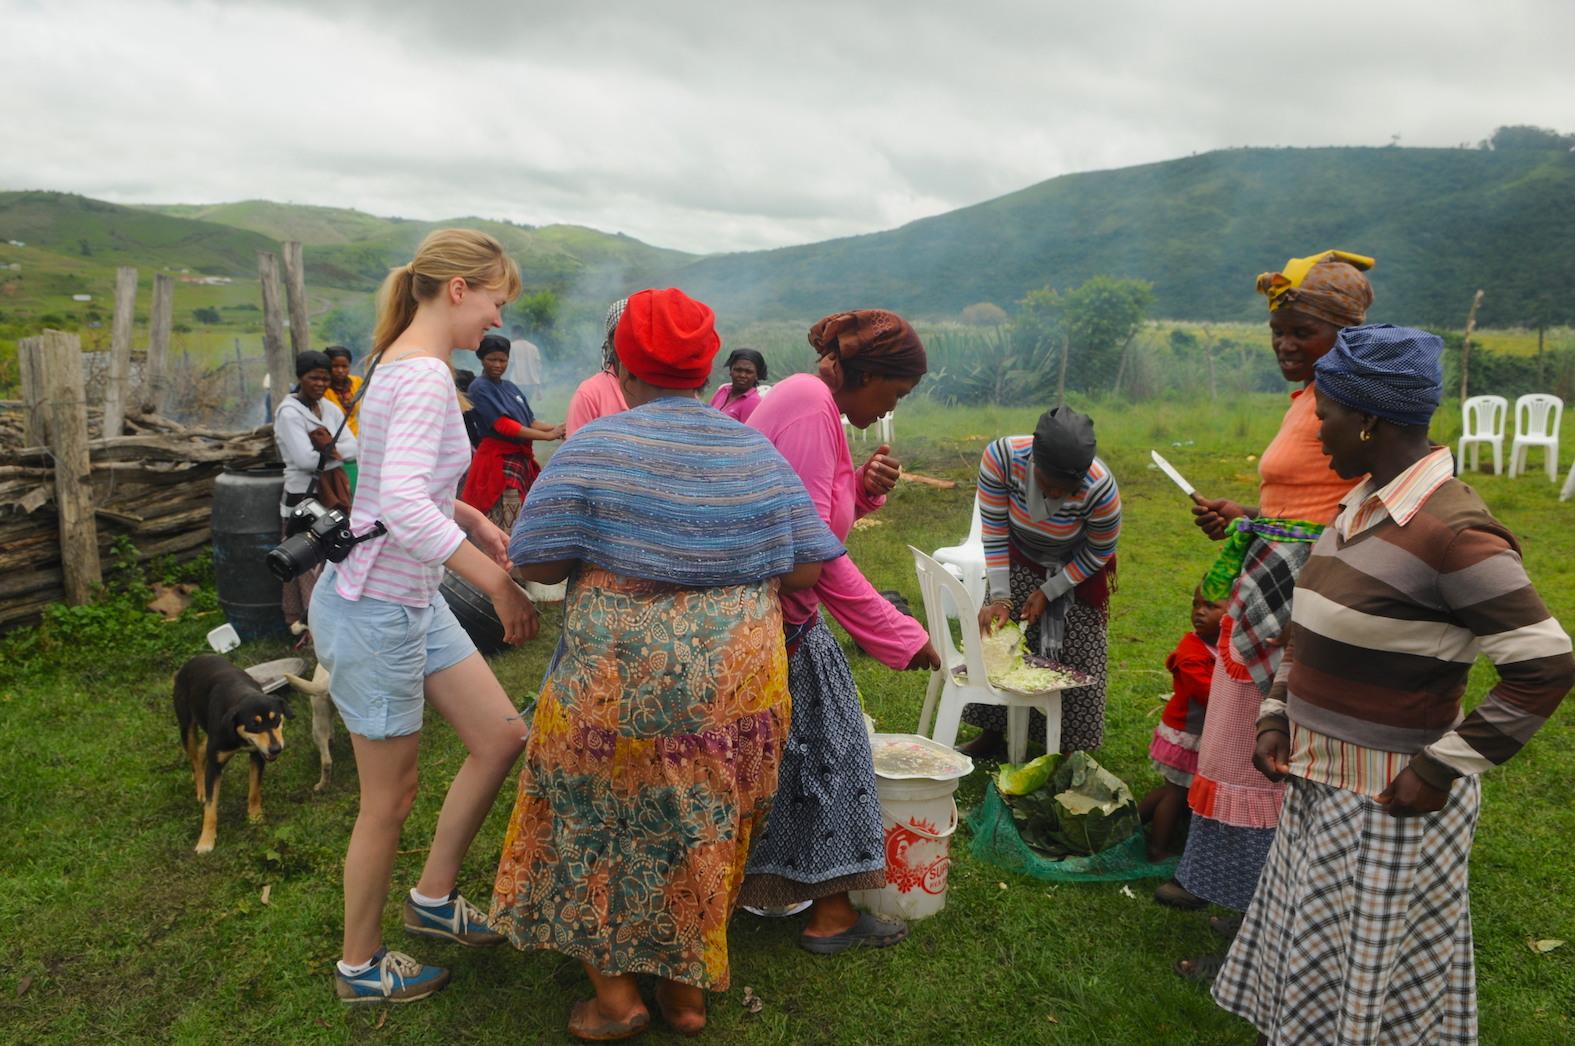 Fotografiereis Zuid-Afrika door Tom van der Leij rondreis Transkei en Wildcoast Xhosa dorpsvrouwen